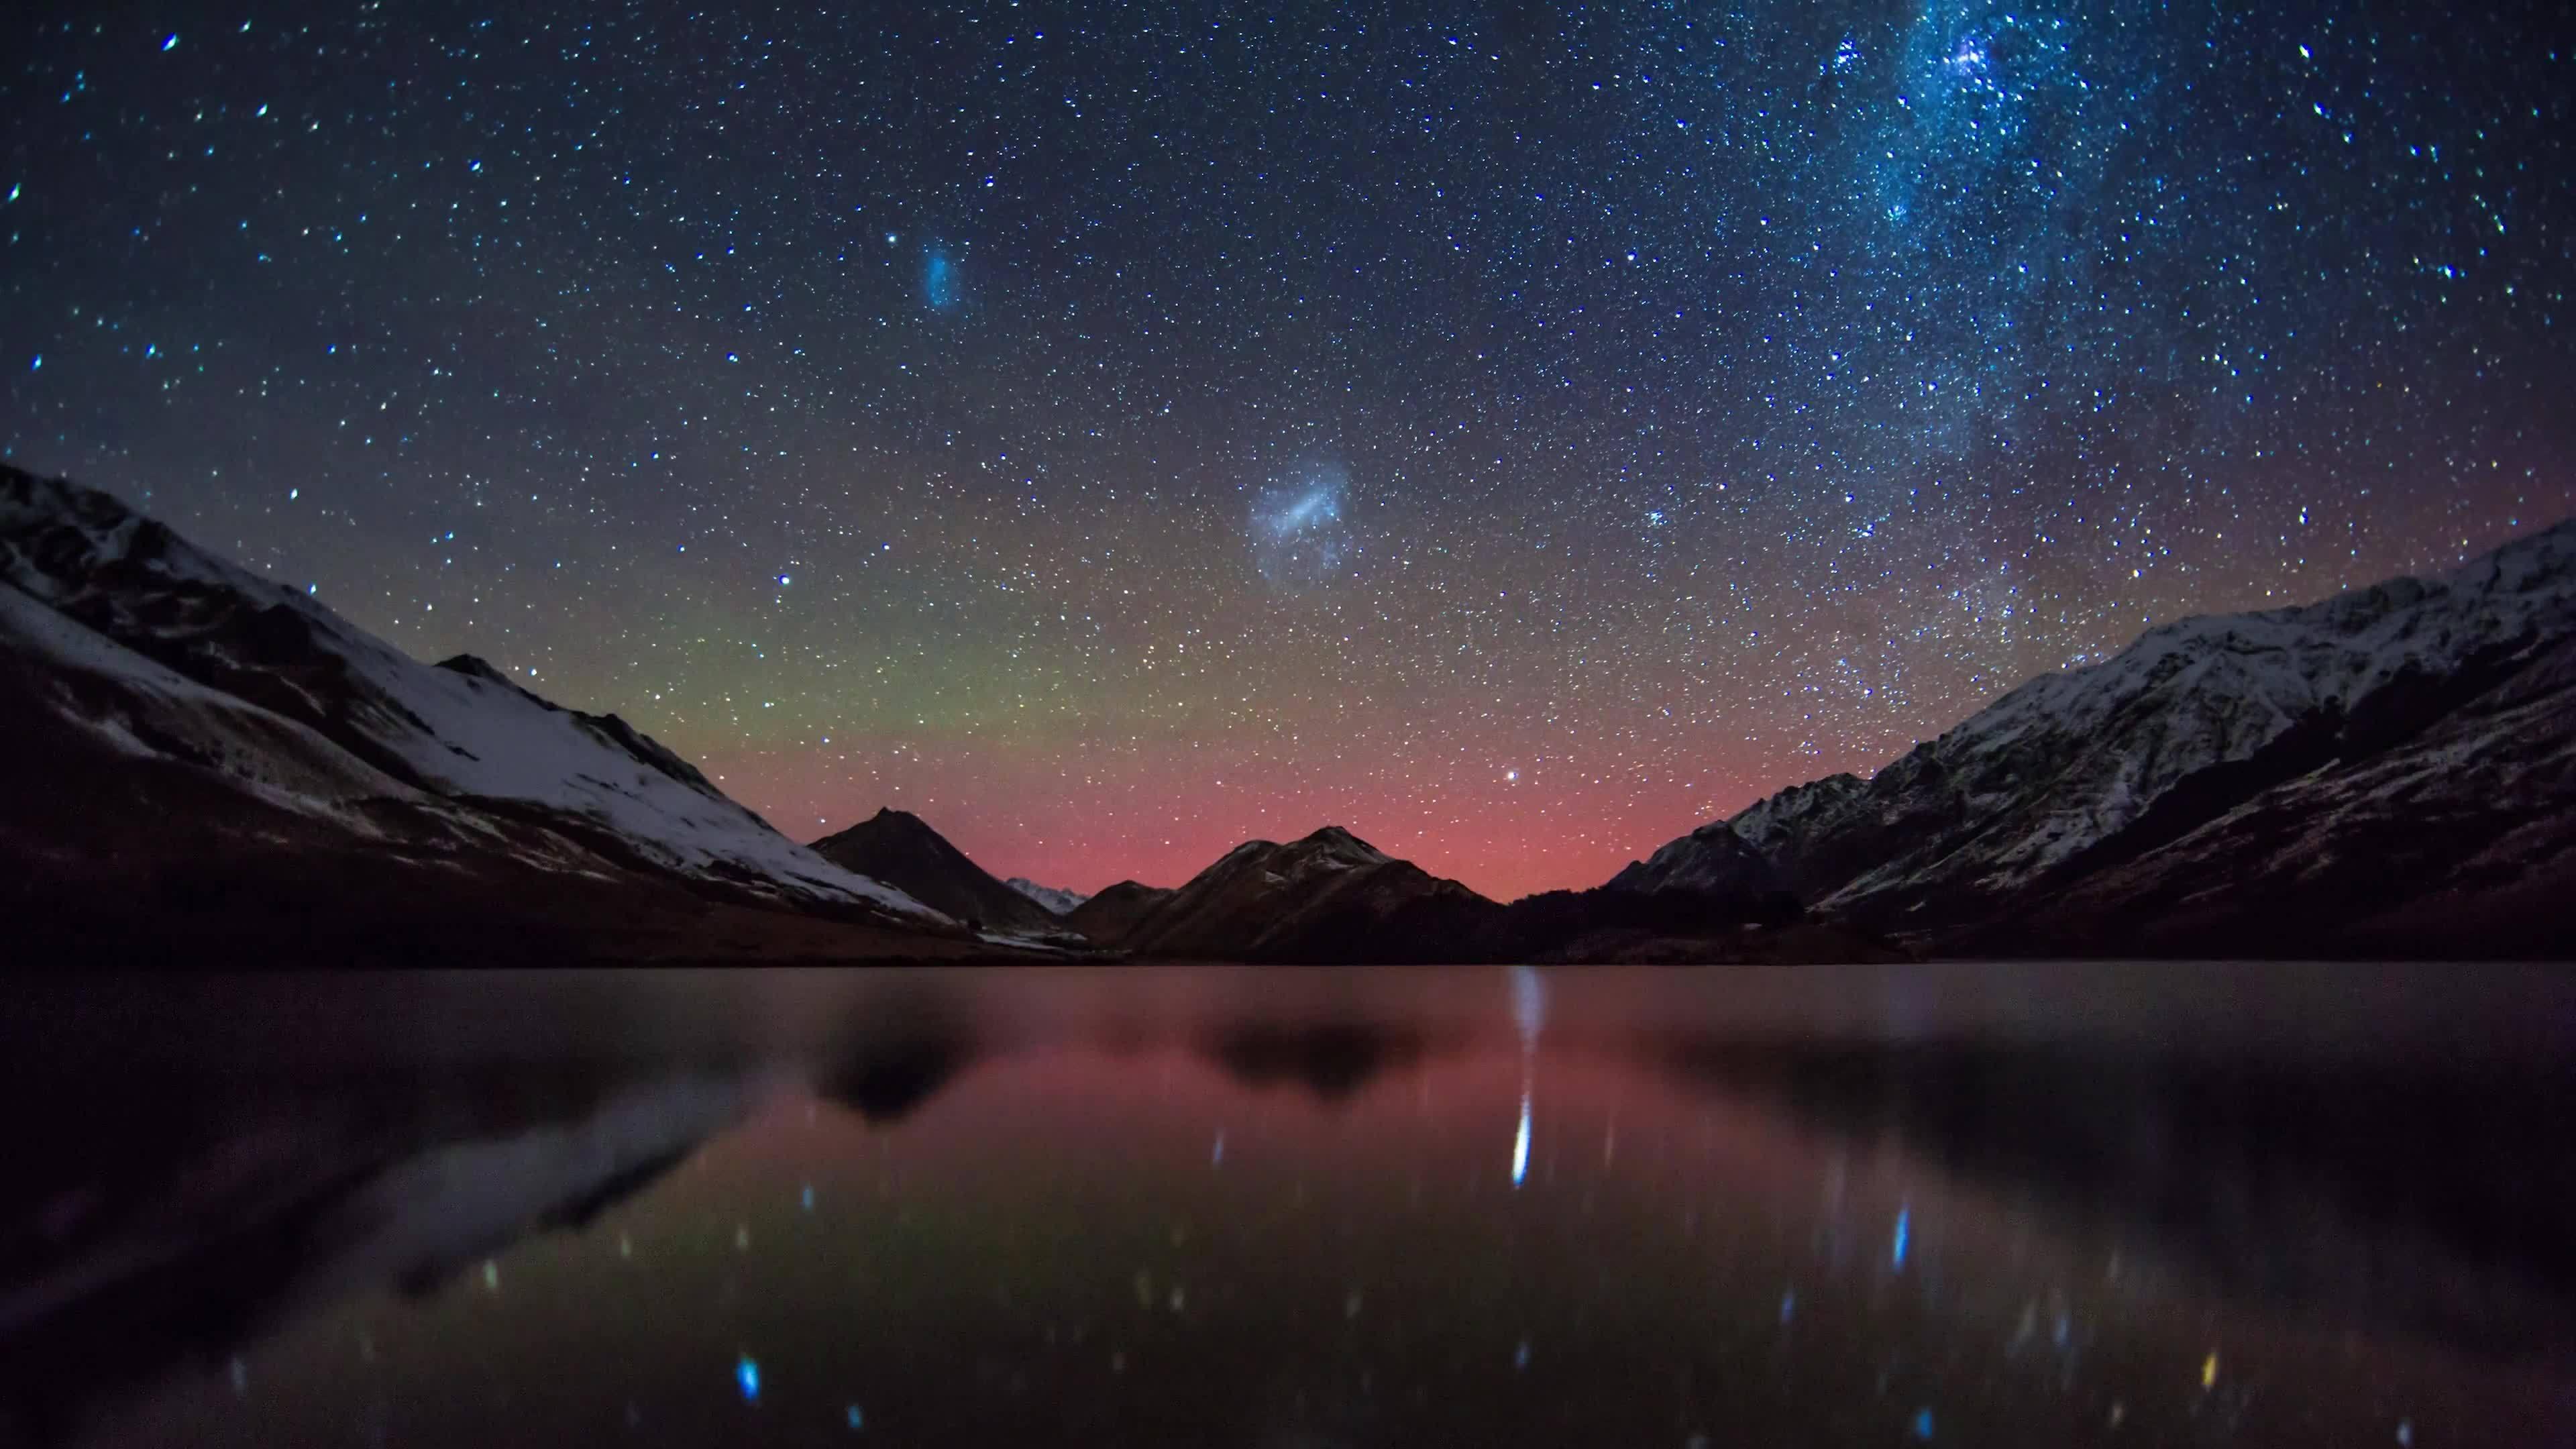 earthgifs, queenstown aurora, queenstown photographer, Moke Lake, Queenstown - Aurora & Milky Way timelapse - 4K GIFs